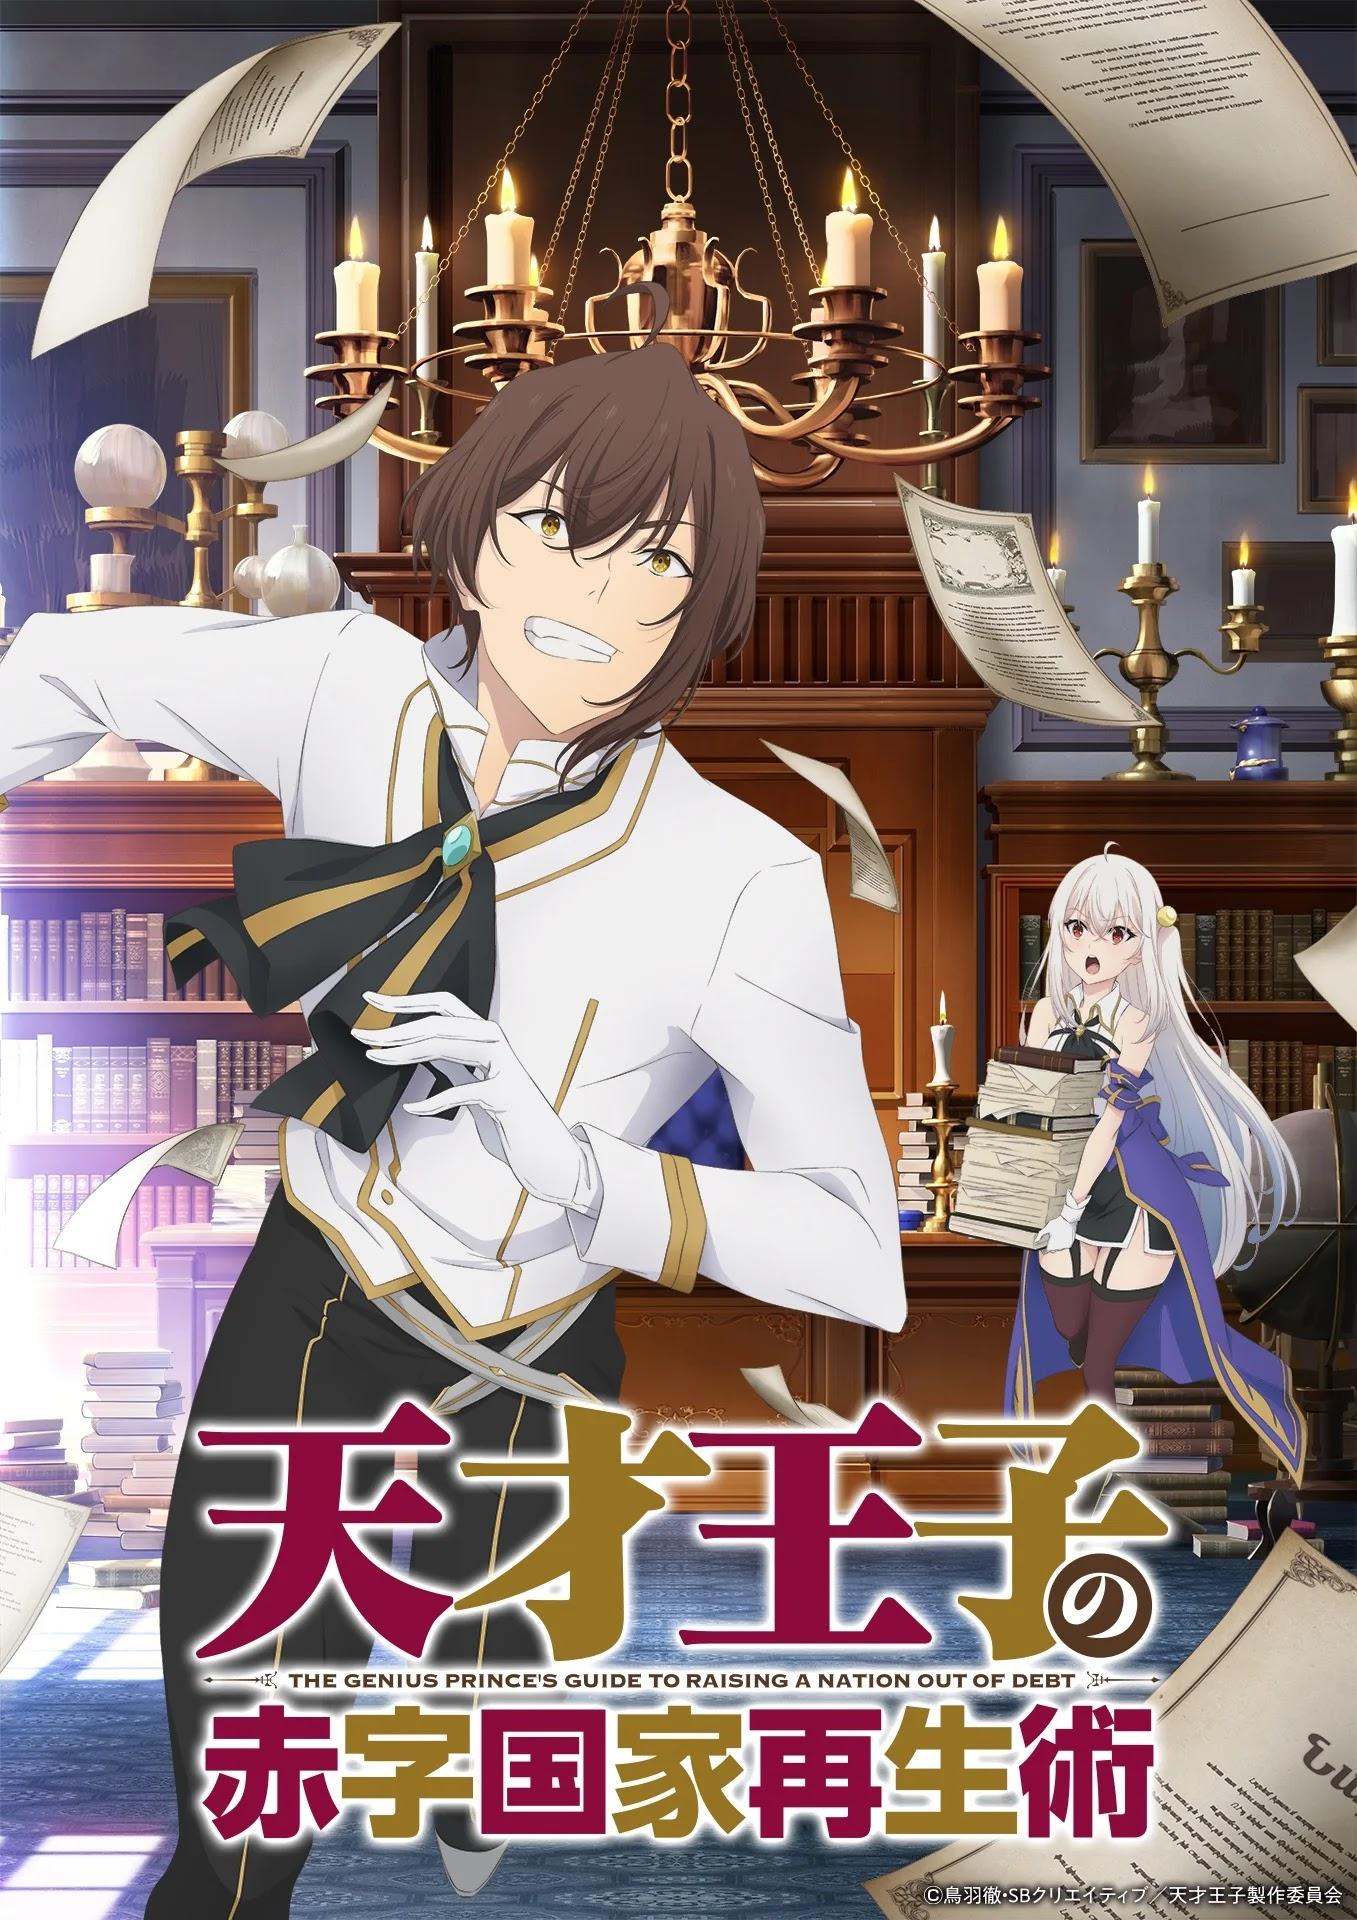 Anime Tensai Ouji no Akaji Kokka Saisei Jutsu revela novo vídeo promocional